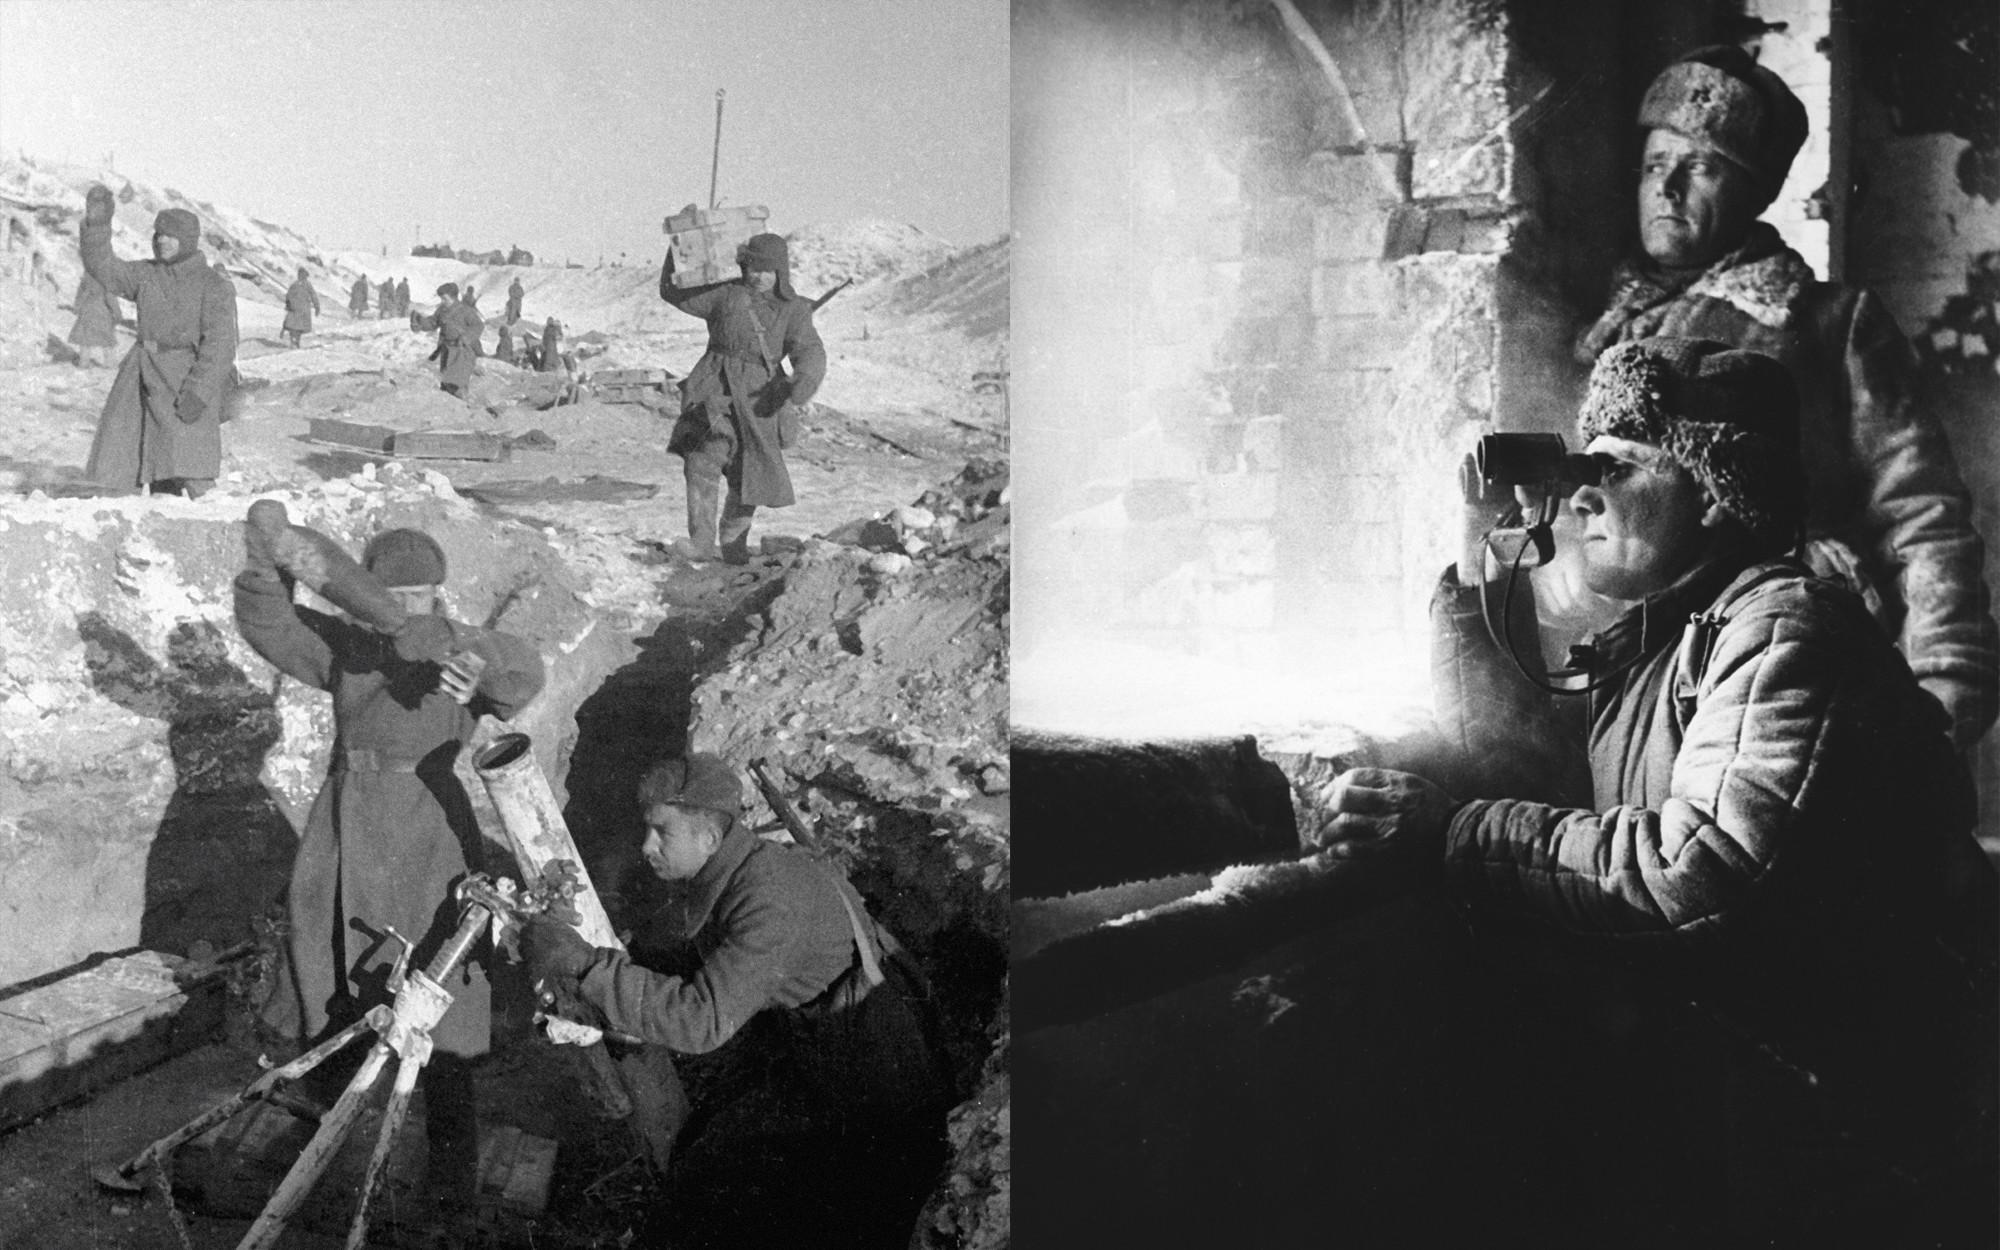 Слева направо: Бойцы миномётной батареи комбата Бездетко ведут огонь по немецким позициям; Сталинградский фронт, февраль 1943 года. На наблюдательном пункте. Коллаж © L!FE. Фото: © РИА Новости / Георгий Зельма